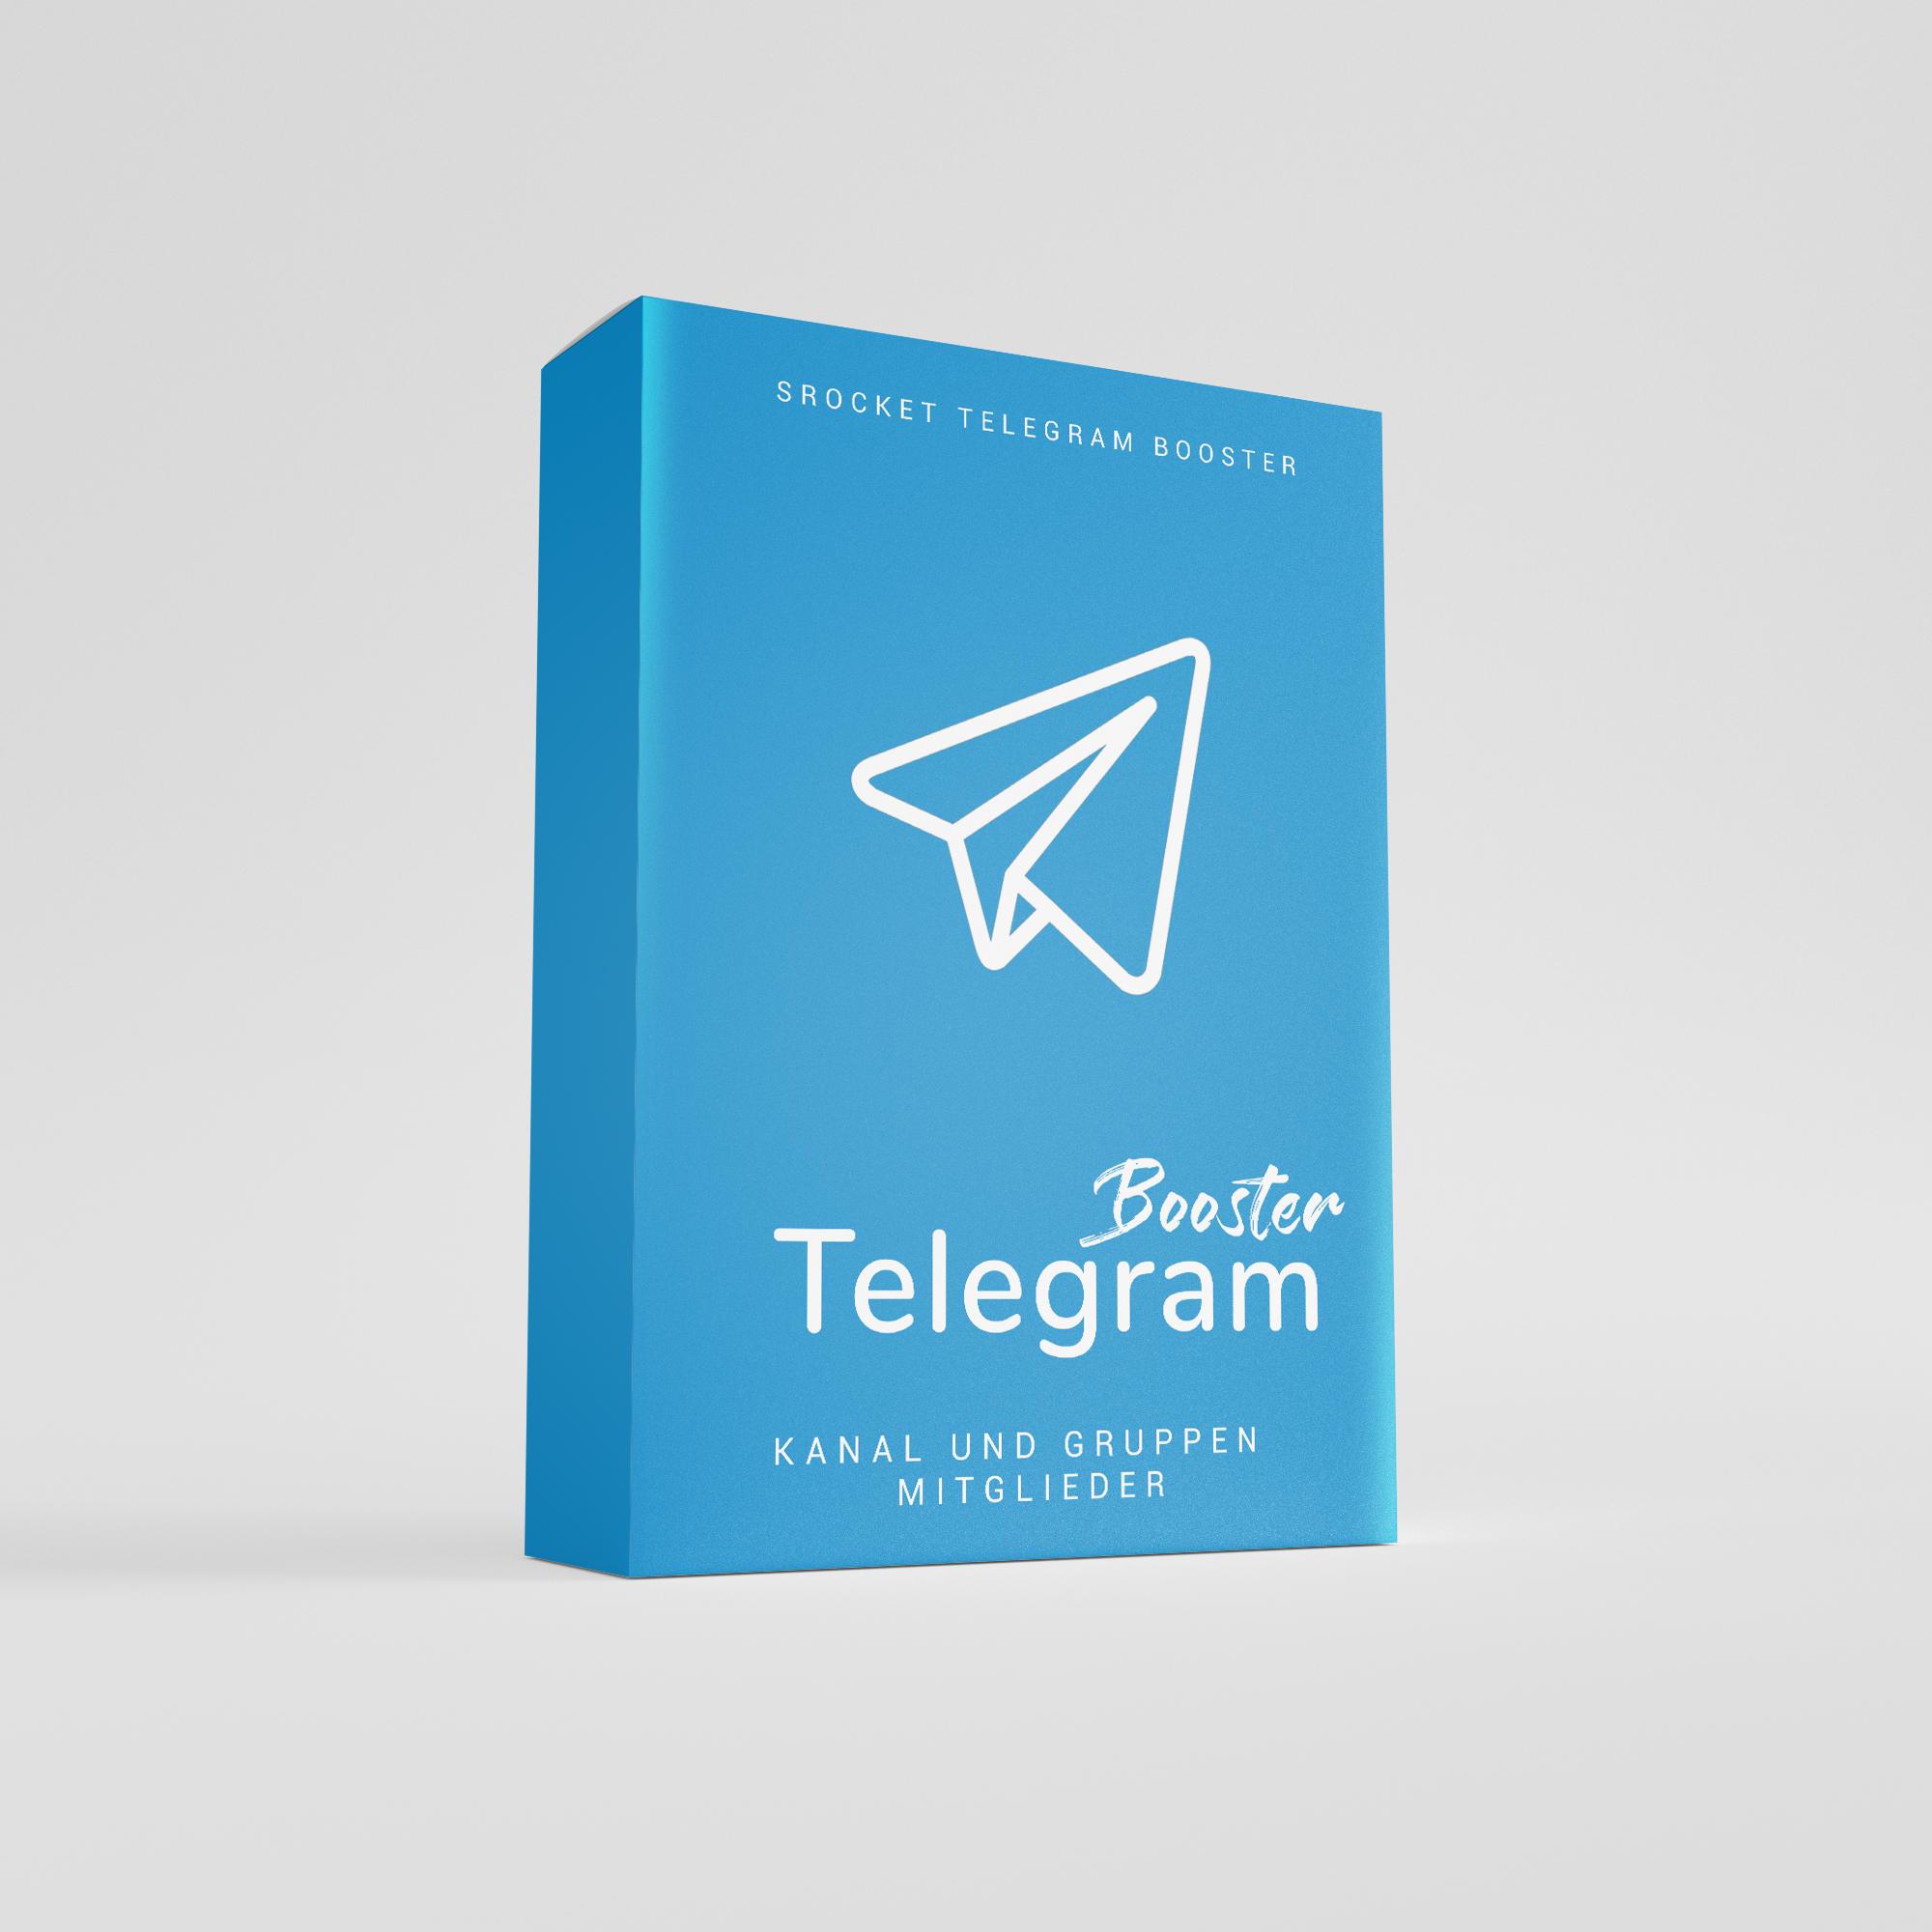 Jetzt deinen Telegram Kanal oder deine Telegram Gruppe Promoten durch den Kauf von Mitgliedern.